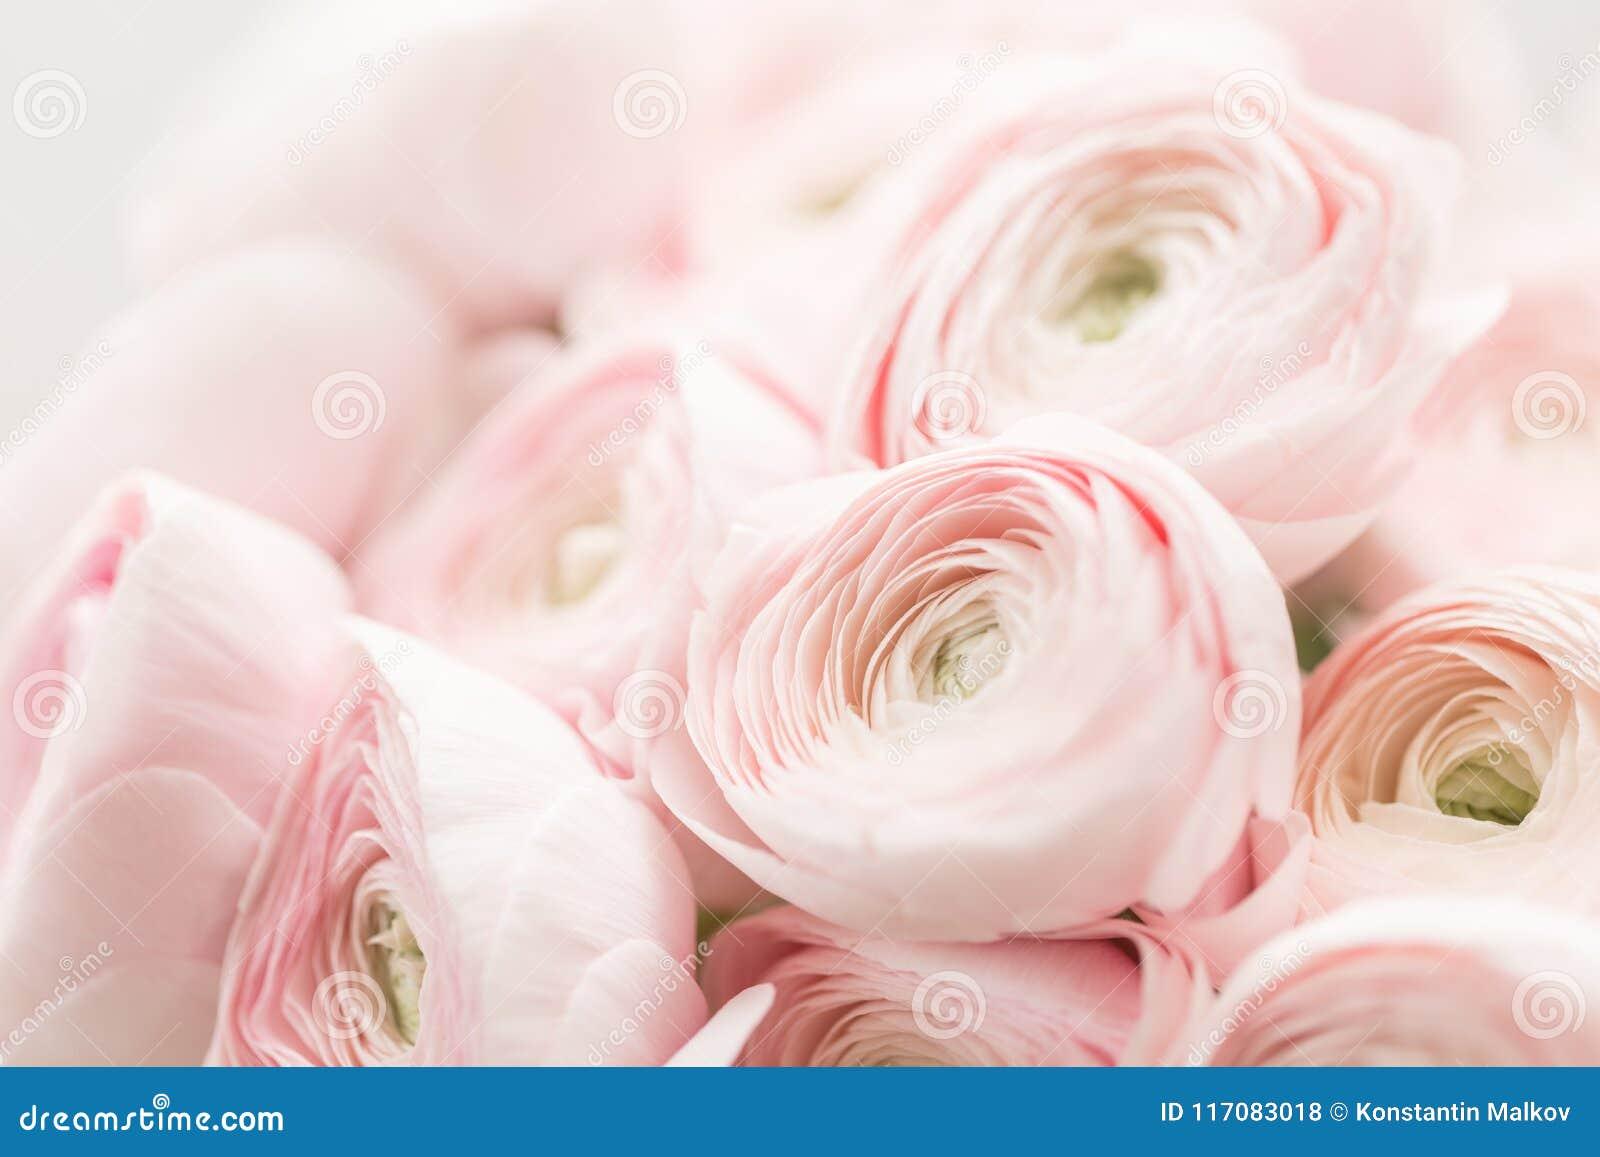 Renoncule persane Groupe pâle - le ranunculus rose fleurit le fond clair papier peint, photo horizontale